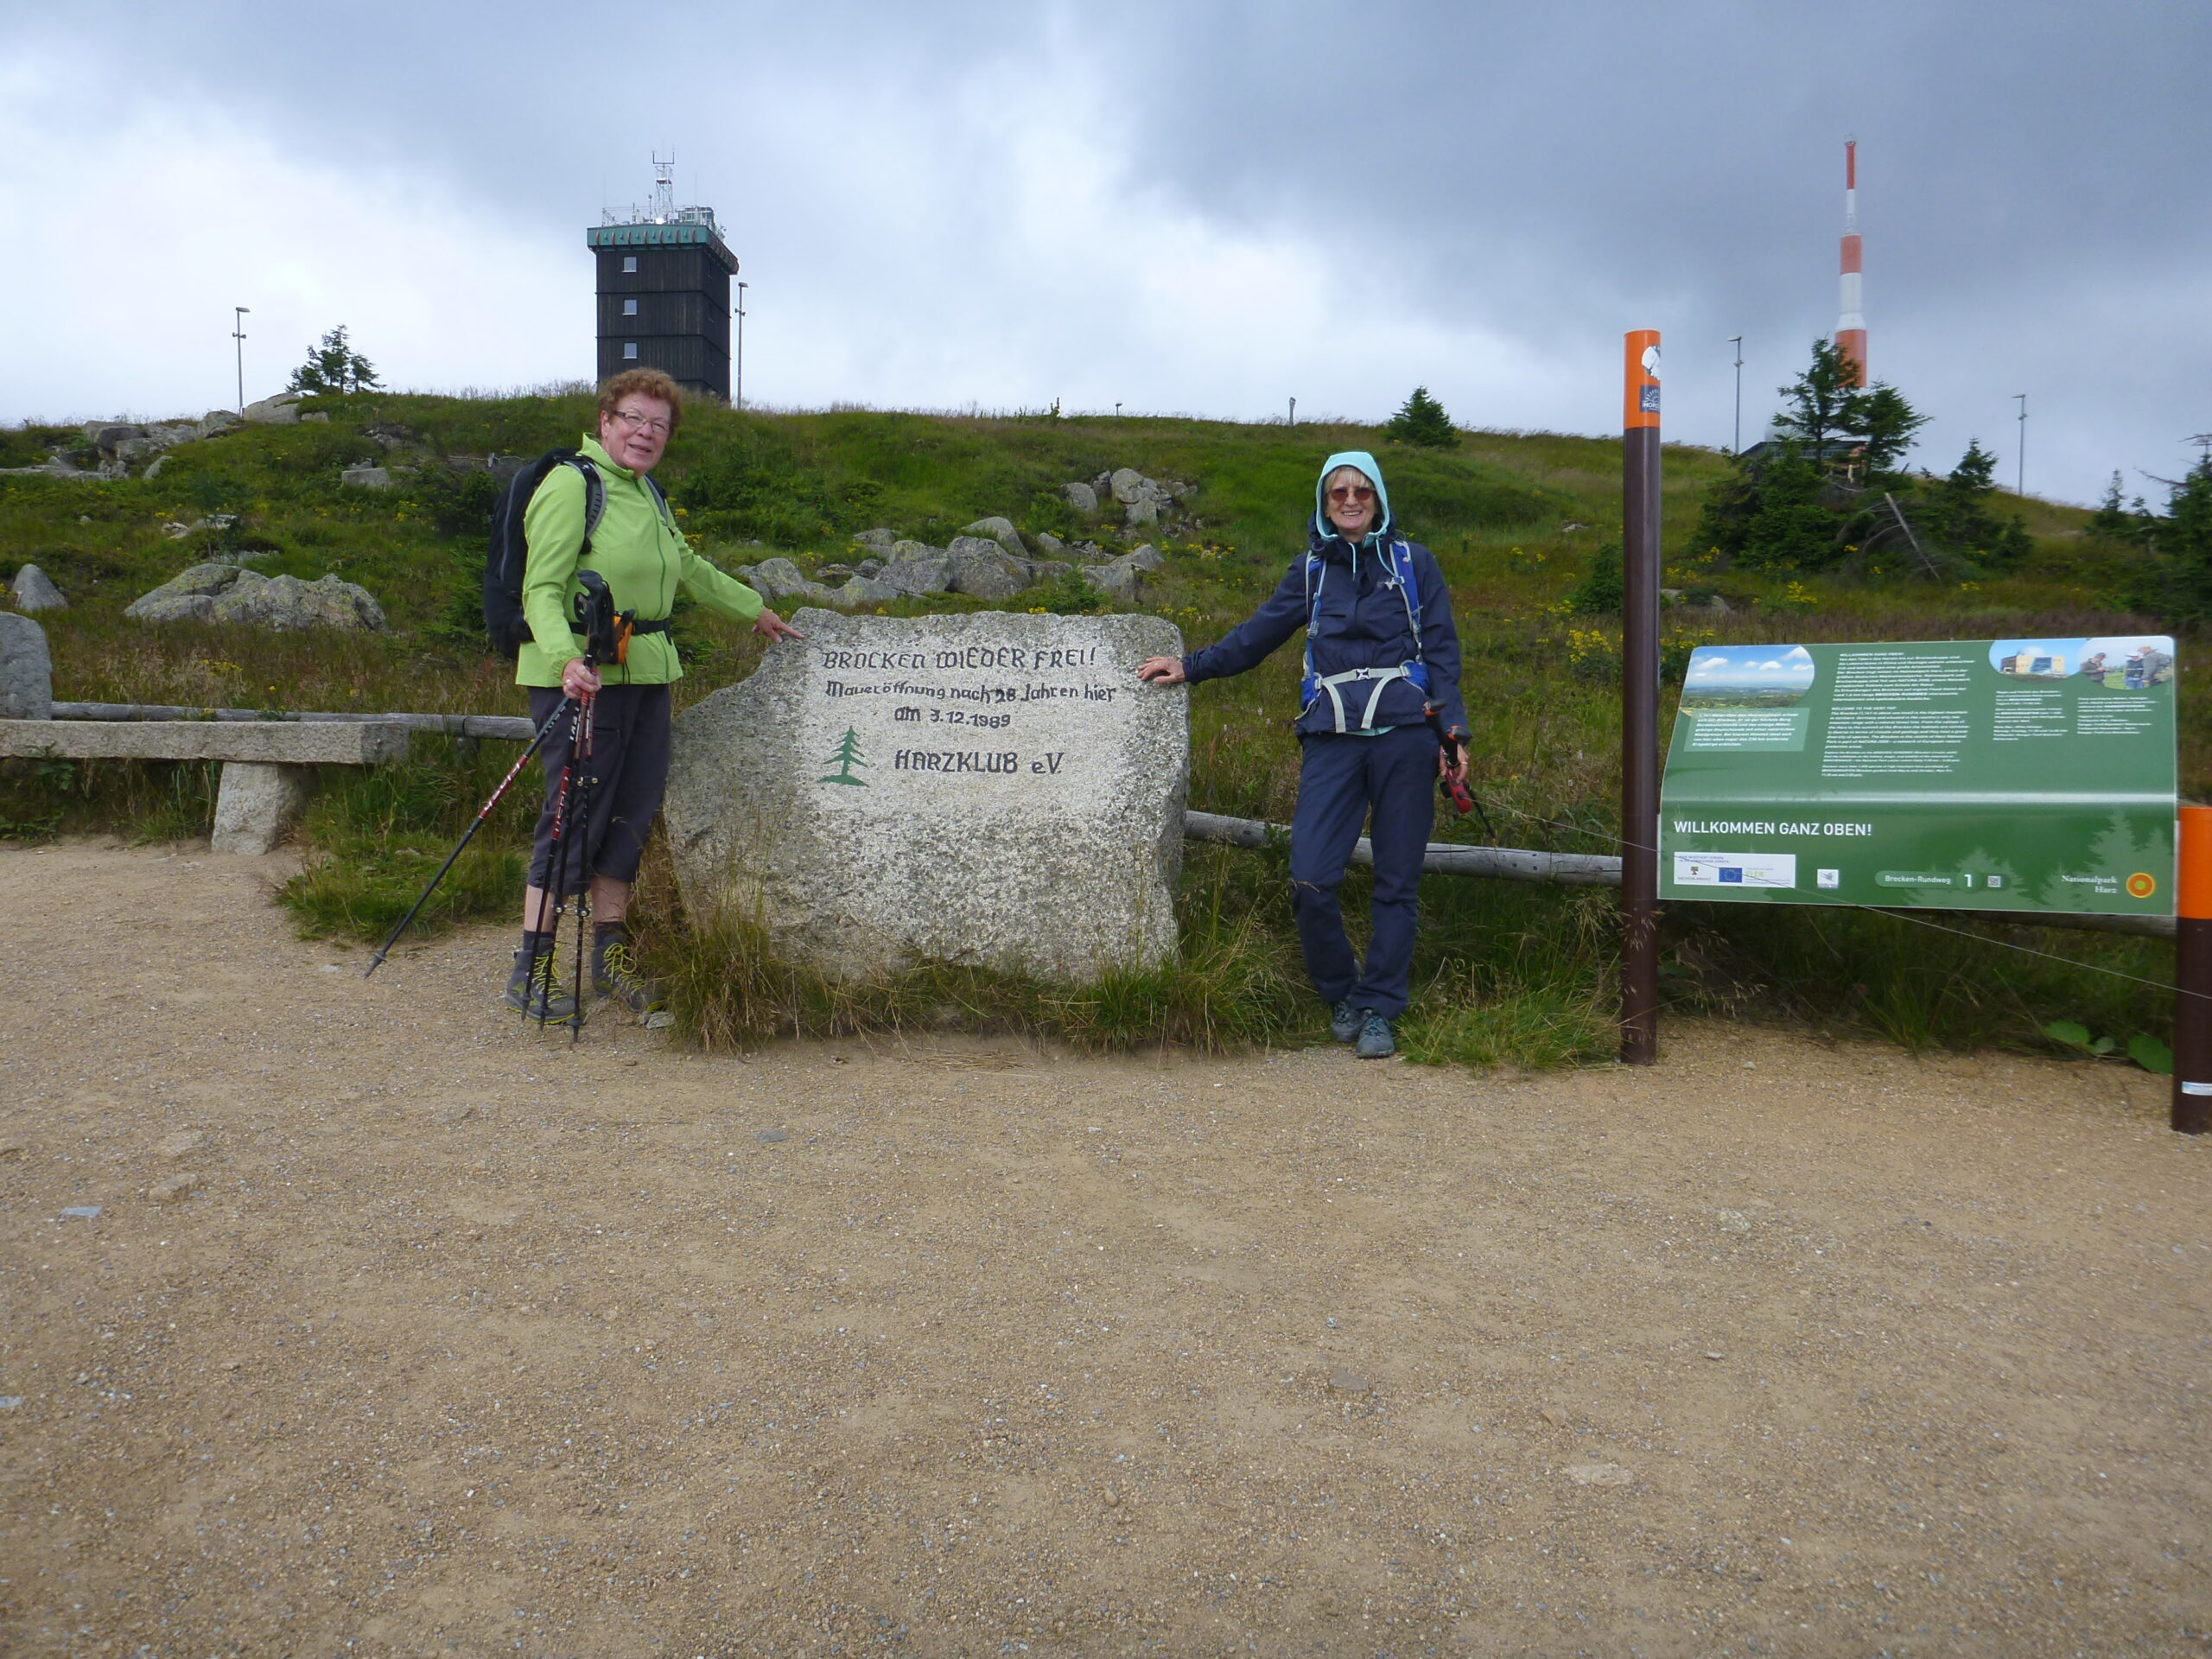 2 Wanderinnen stehen neben einem Gedenkstein mit der Inschrift: Brocken wieder frei